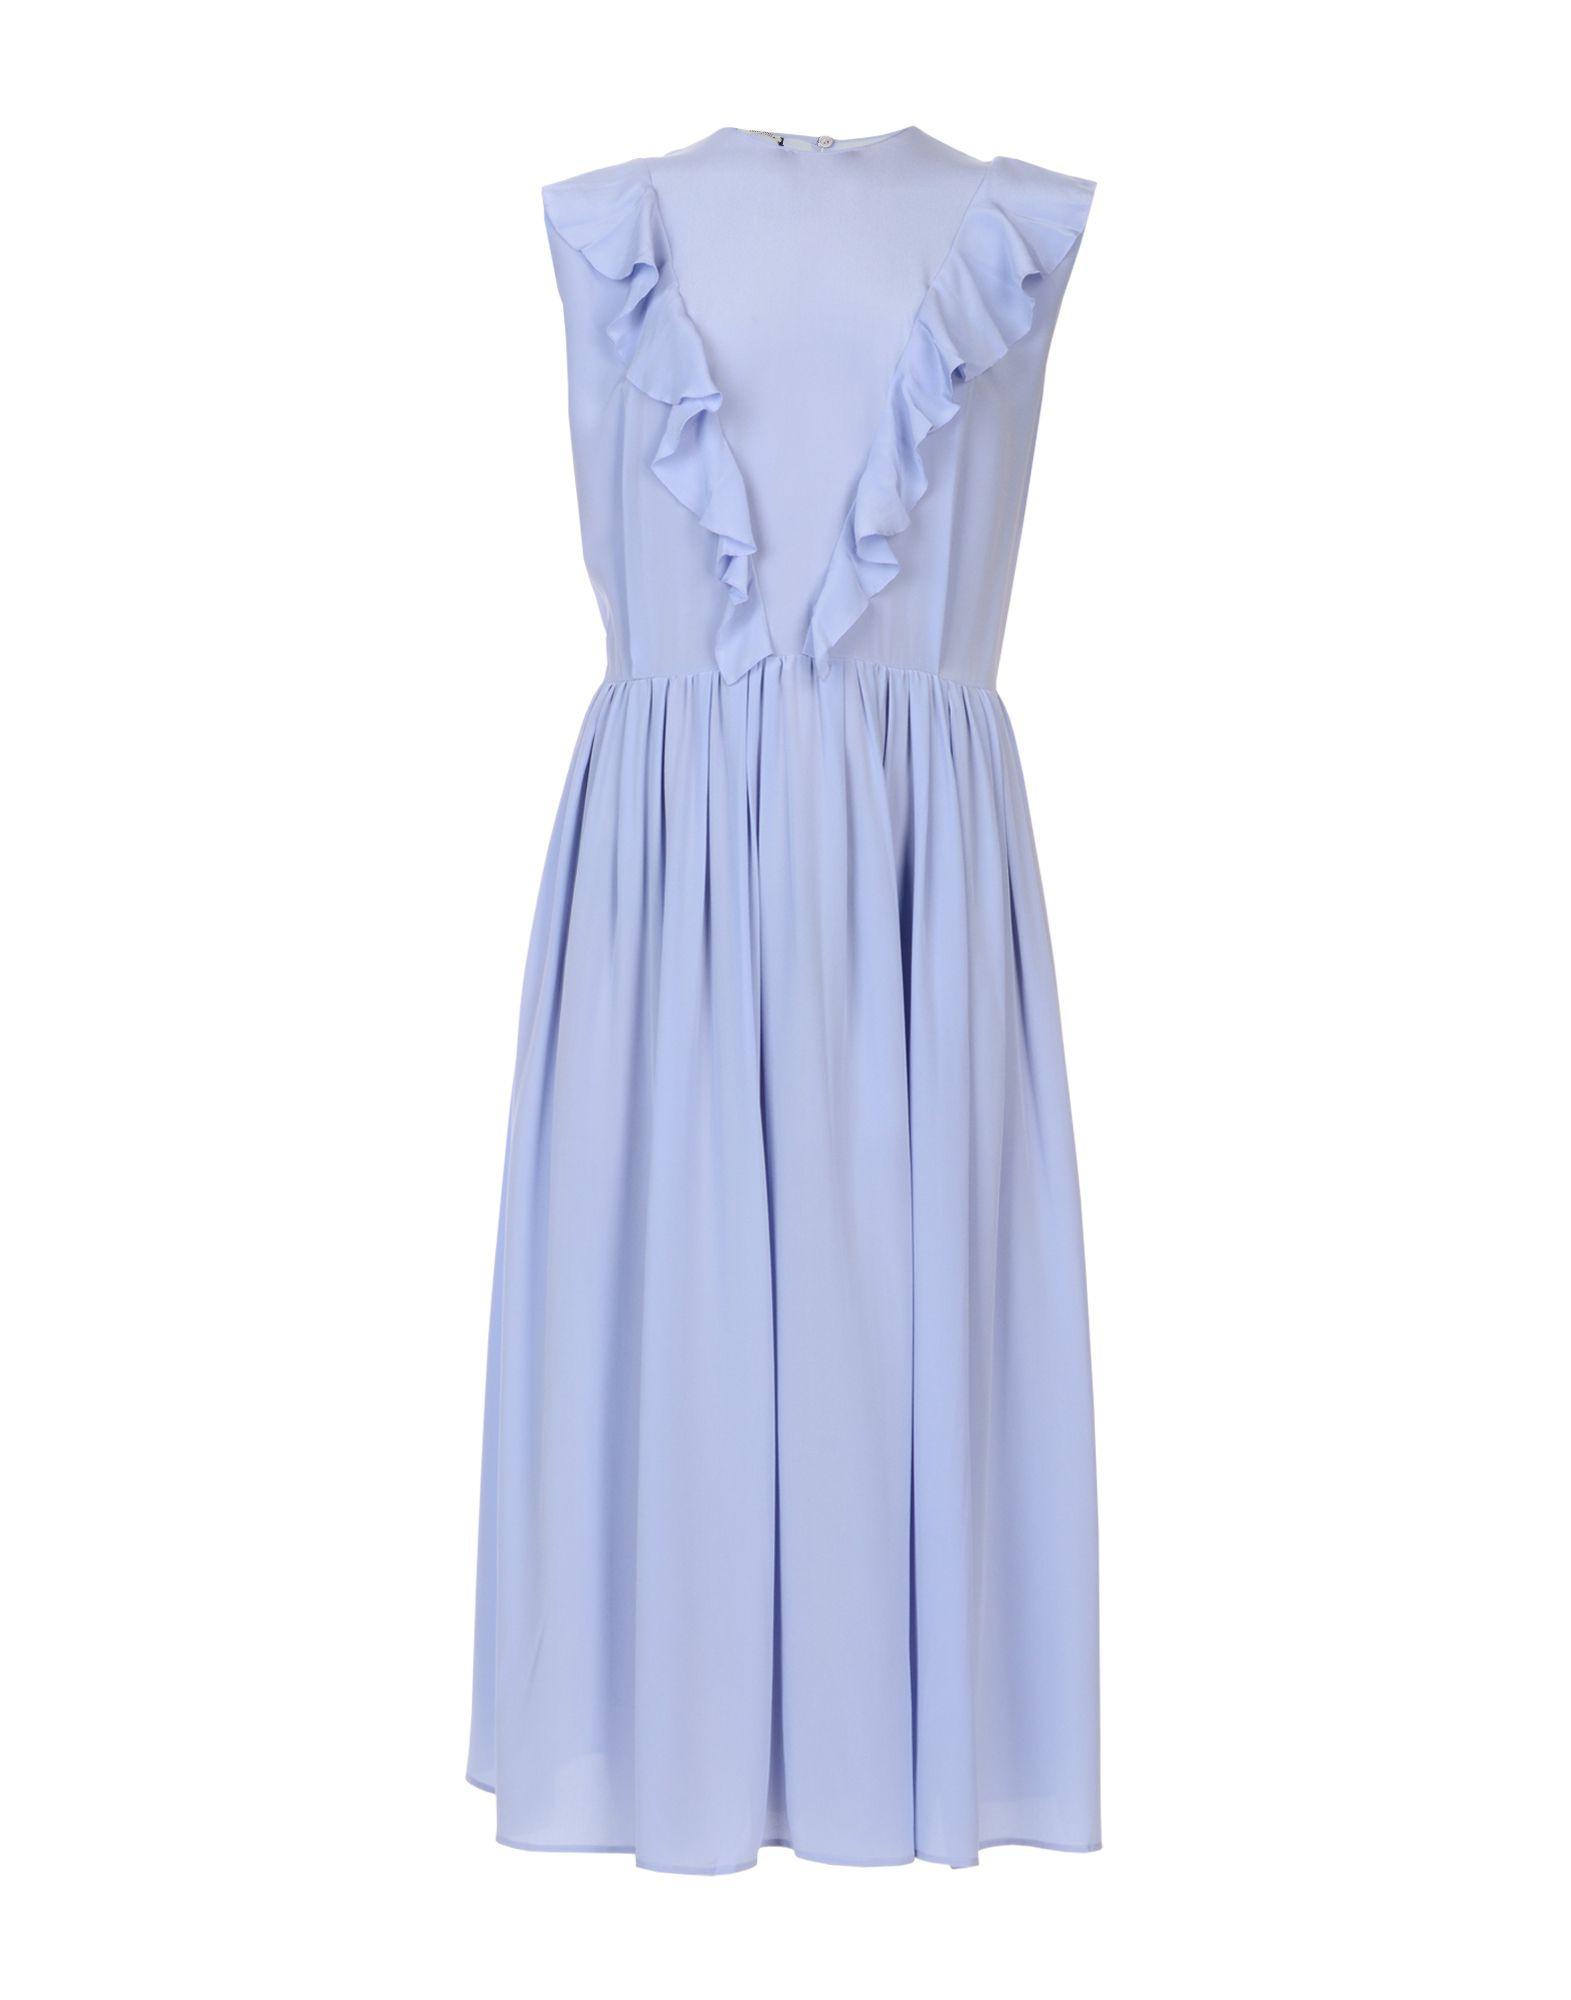 10 Genial Abendkleider Yoox GalerieDesigner Luxurius Abendkleider Yoox Boutique